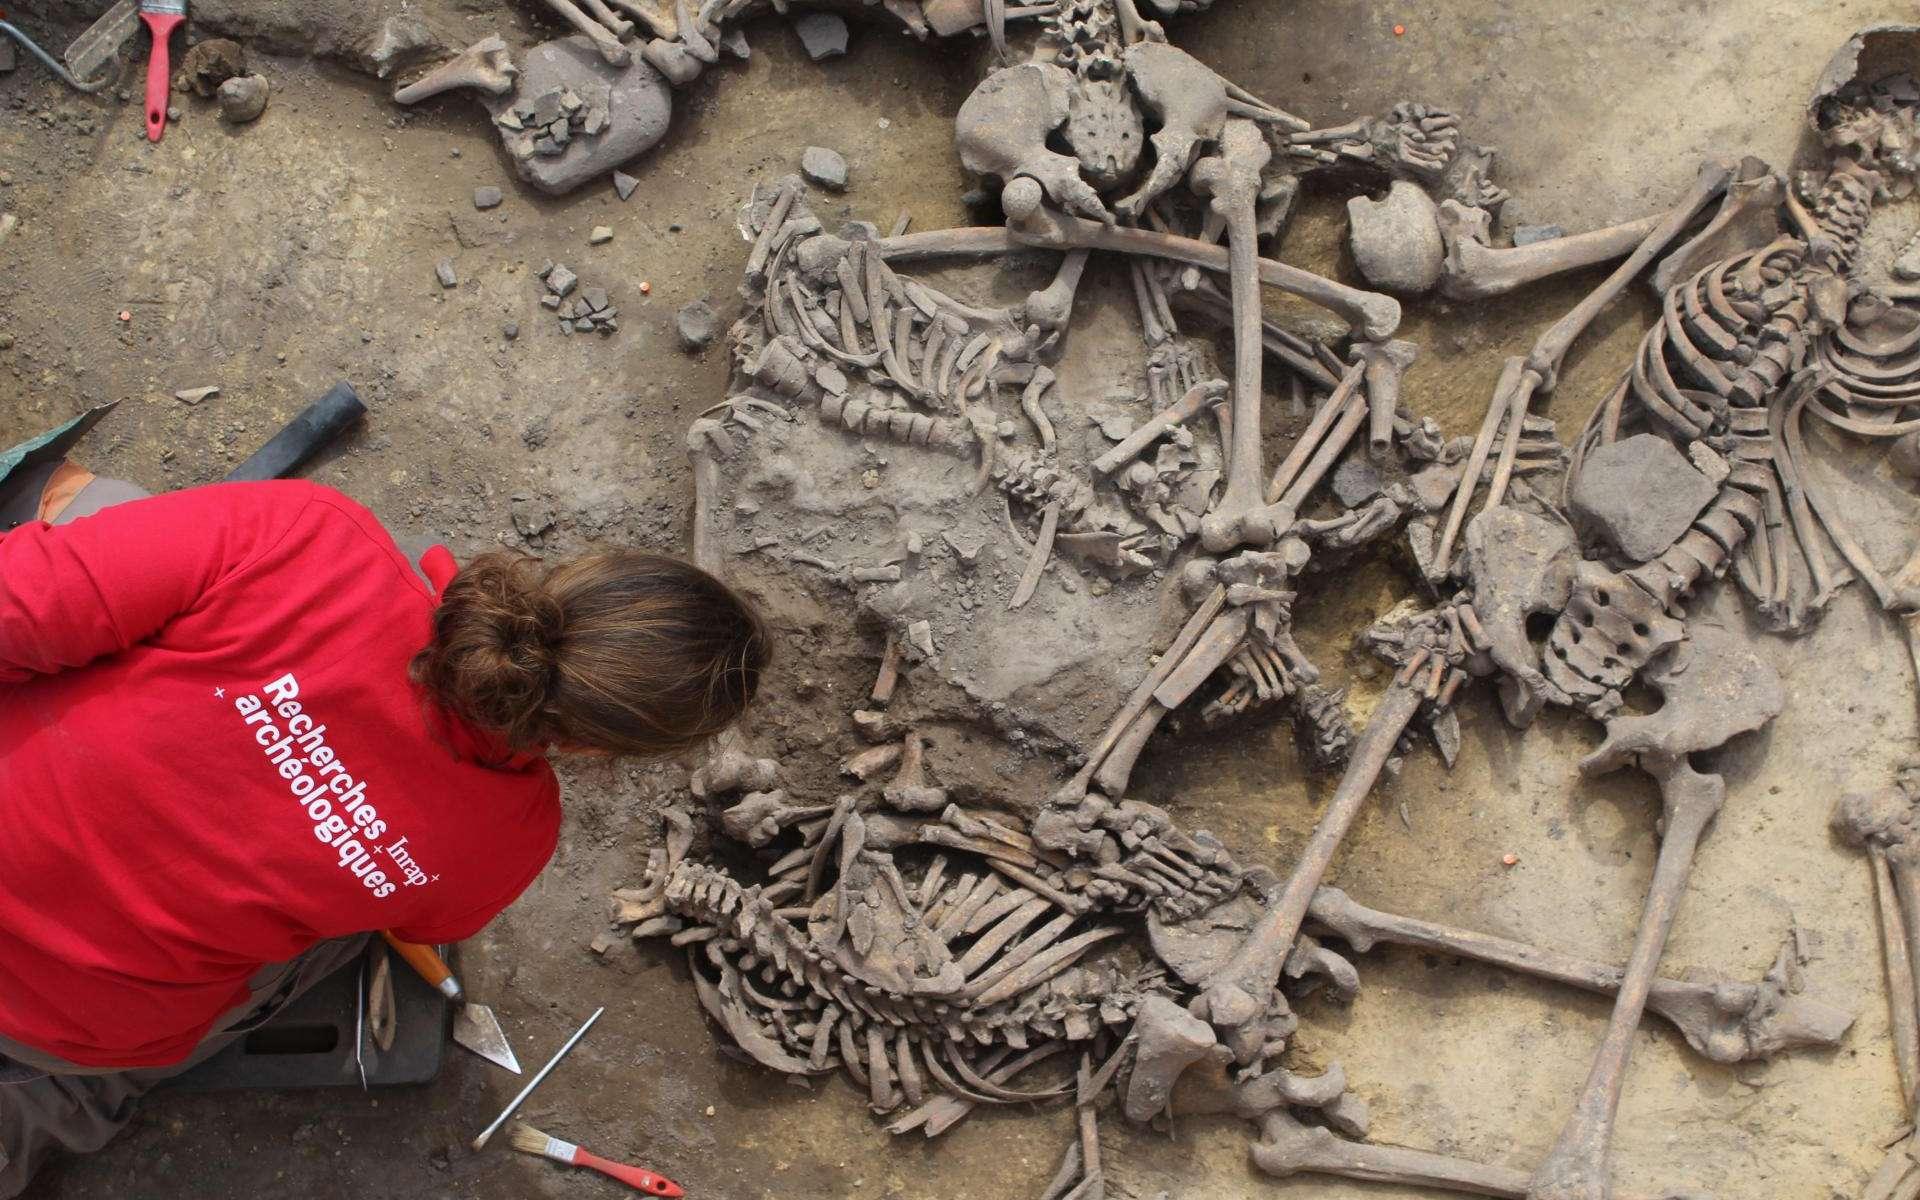 Des corps mutilés, brisés, transpercés : c'est la macabre découverte des équipes de l'Inrap (Institut national de recherches archéologiques préventives) qui ont fouillé durant plusieurs semaines une série de silos datant du Néolithique moyen, plus de 4.000 avant notre ère. © Philipe Lefranc, Inrap